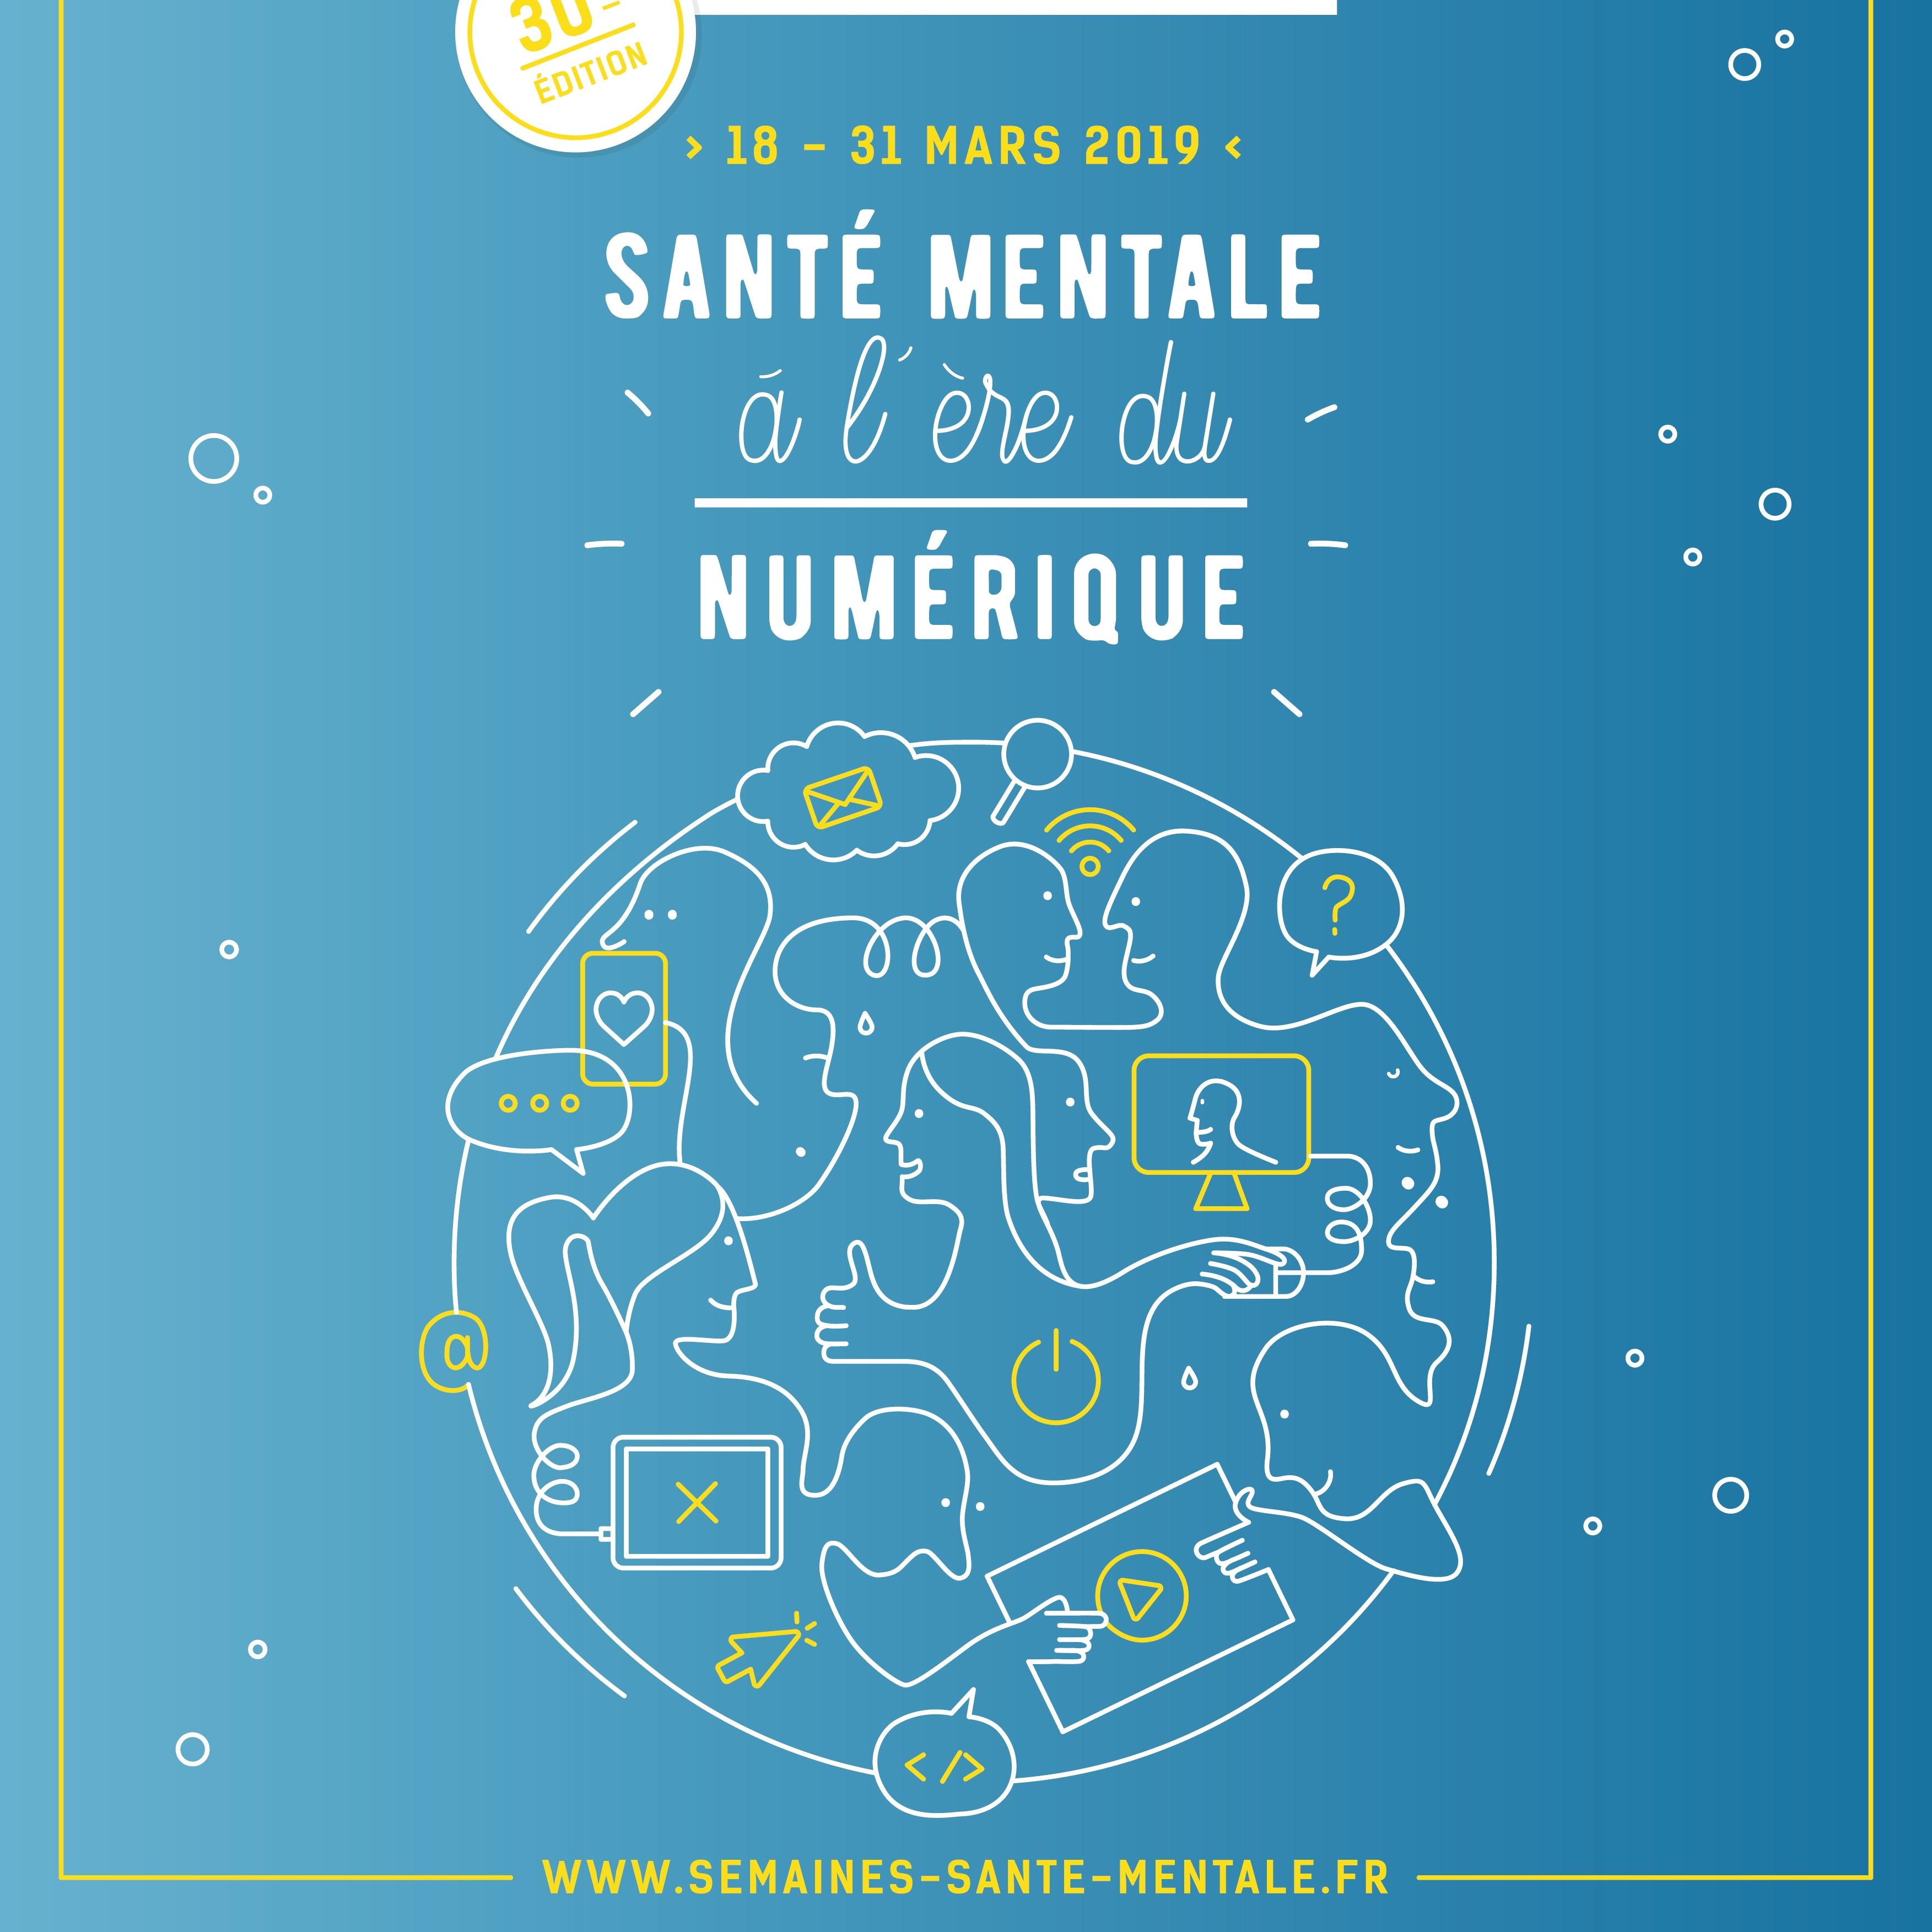 Semaines d'information sur la Santé Mentale - Débats mouvants // À l'ère du numérique |